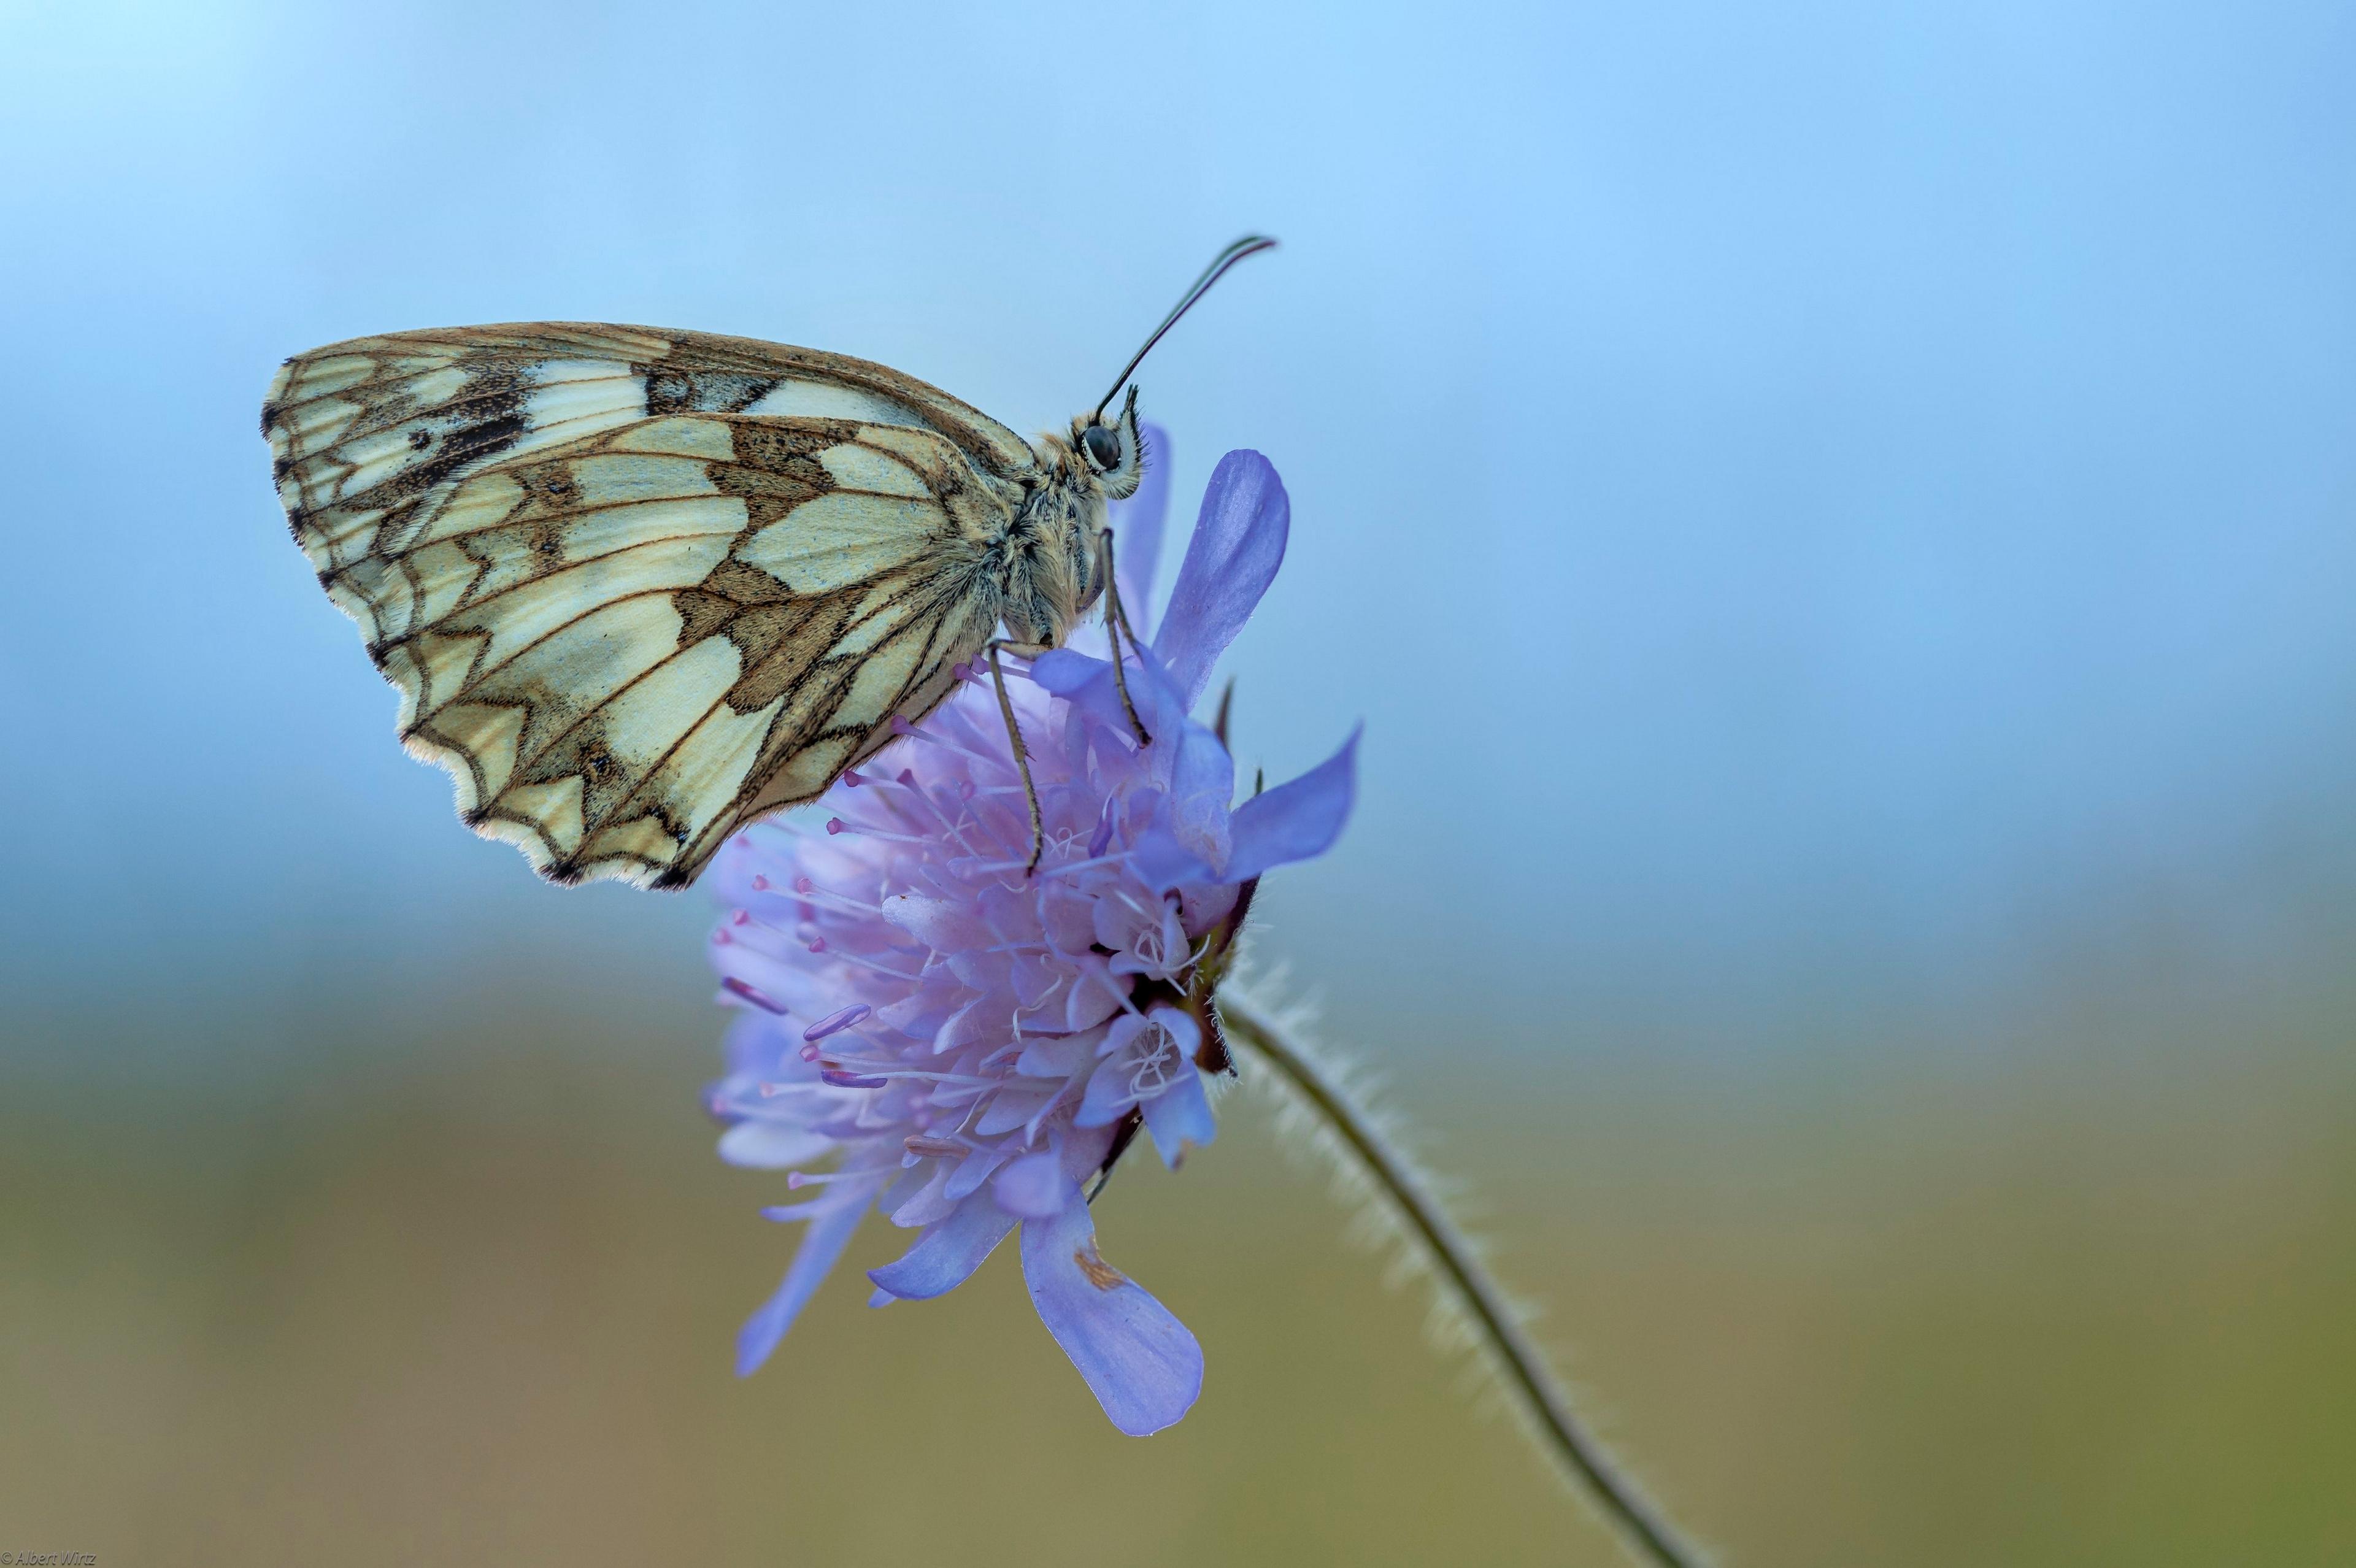 Bilder Insekten Schmetterling Marbled White Tiere Großansicht 3840x2556 Schmetterlinge hautnah ein Tier Nahaufnahme